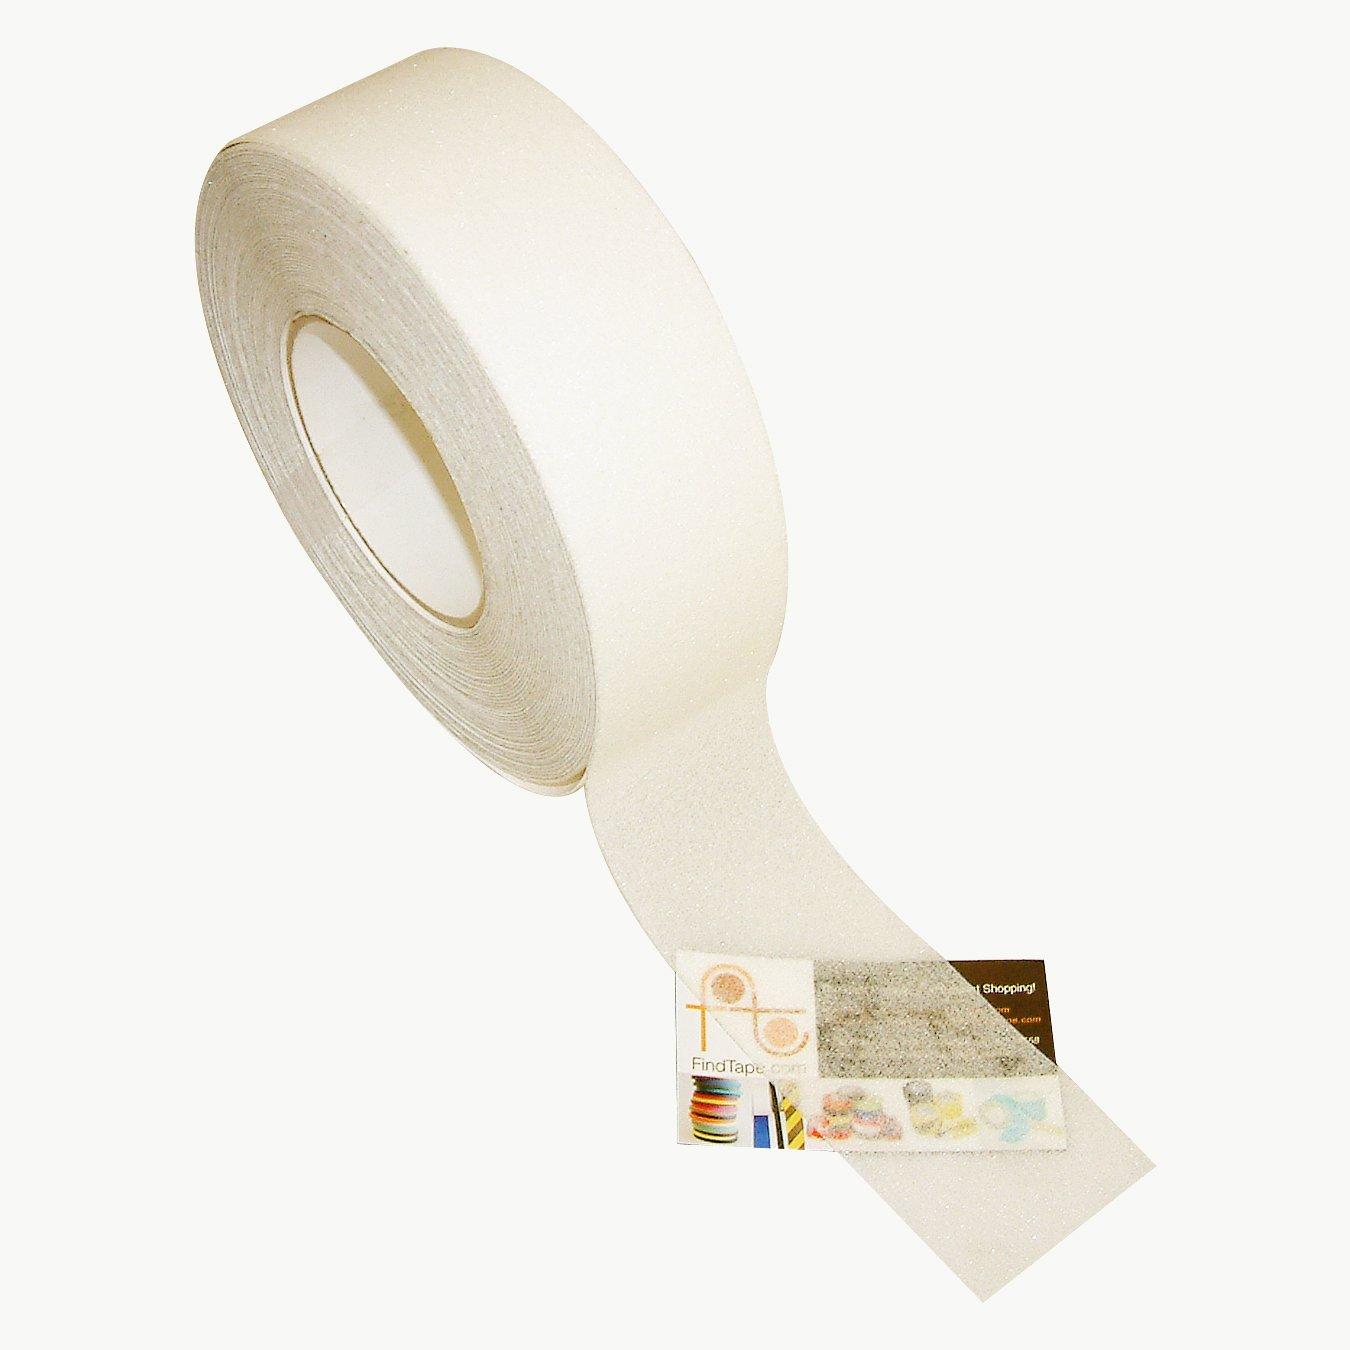 JVCC NS-2A Premium Non-Skid Tape: 2 in. x 60 ft. (Semi-Transparent/Translucent)